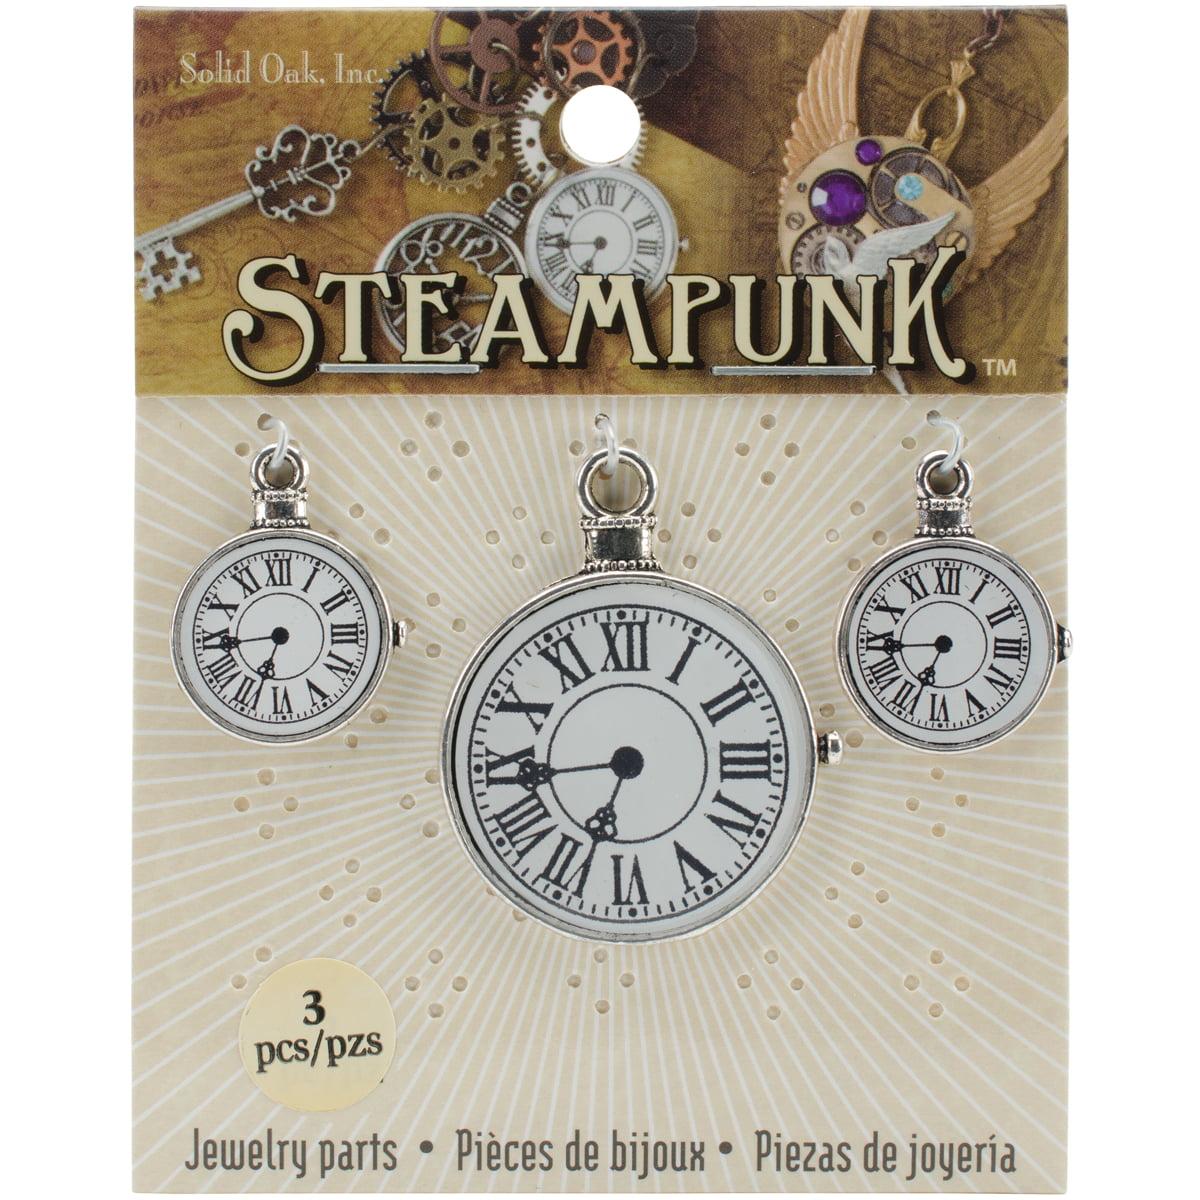 Steampunk Metal Accents 3pk, Clocks 2